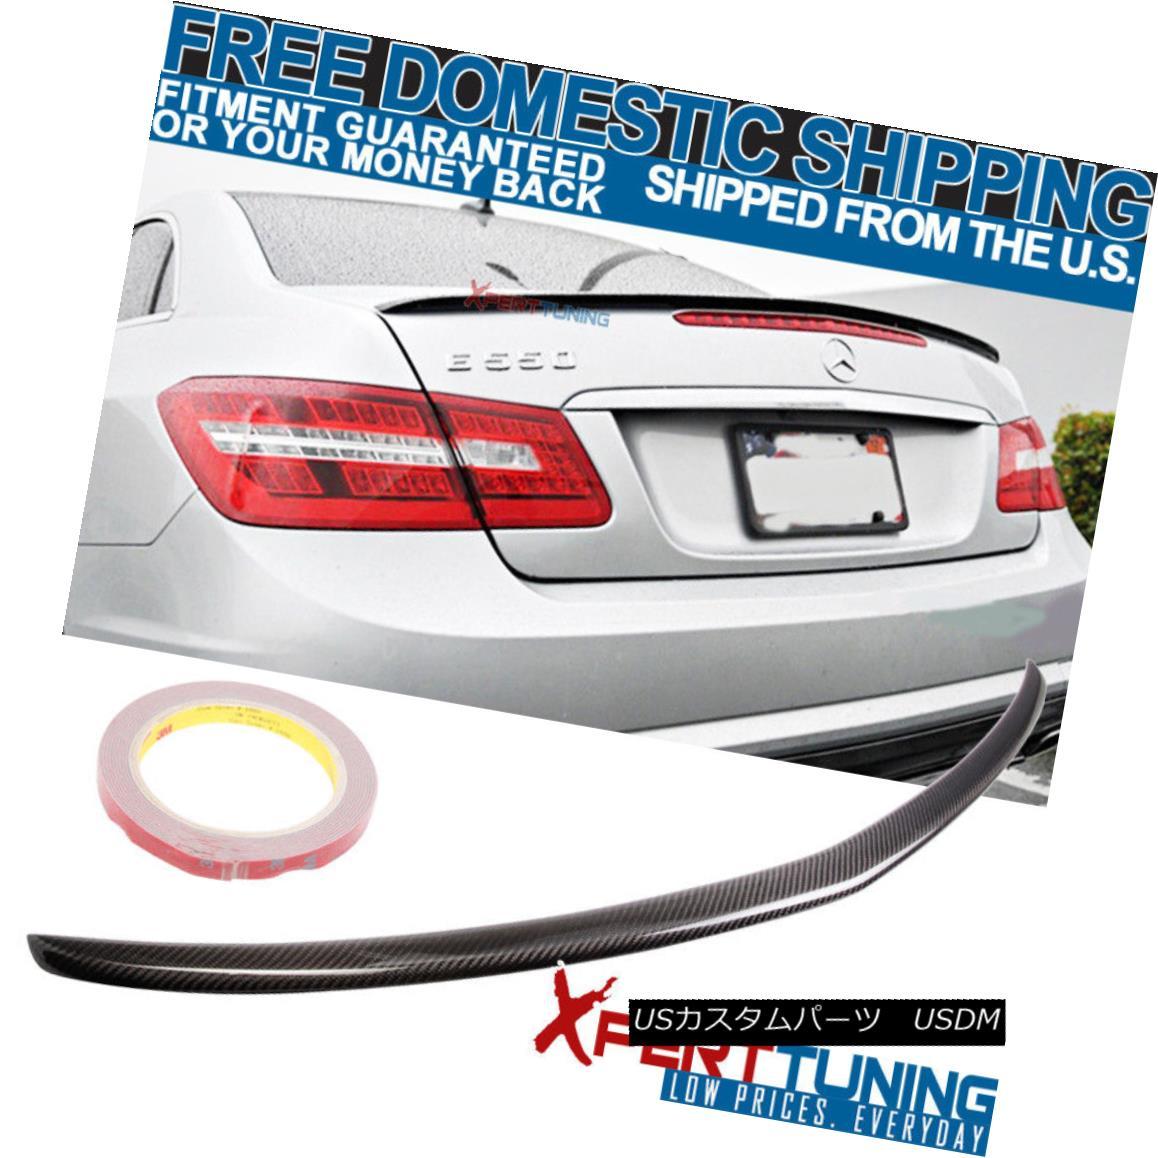 エアロパーツ 10-17 Benz E-Class W207 C207 Coupe 2Dr Trunk Spoiler - Carbon Fiber CF 10-17ベンツEクラスW207 C207クーペ2Drトランク・スポイラー - 炭素繊維CF